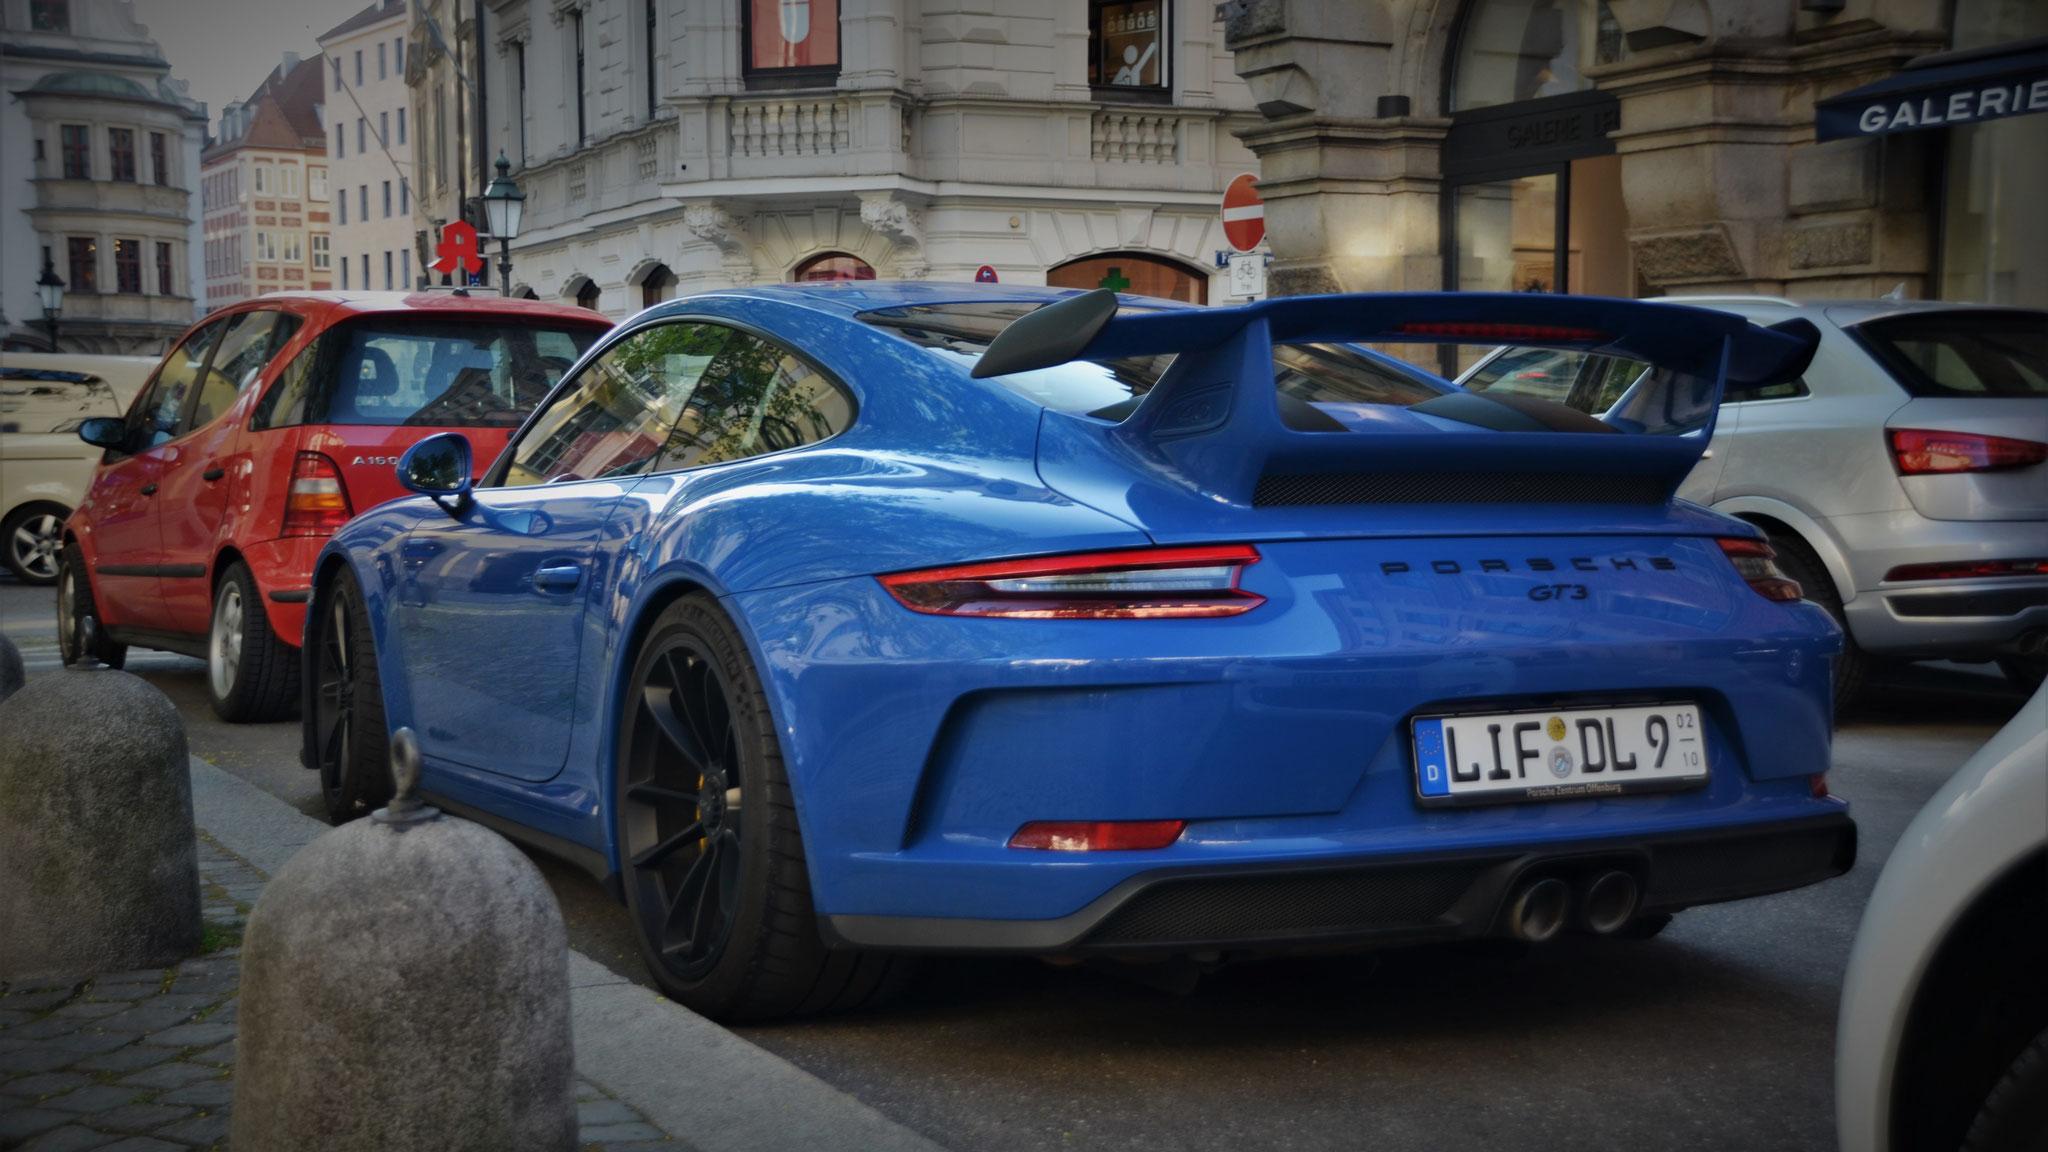 Porsche 991 GT3 - LIF-DL-9